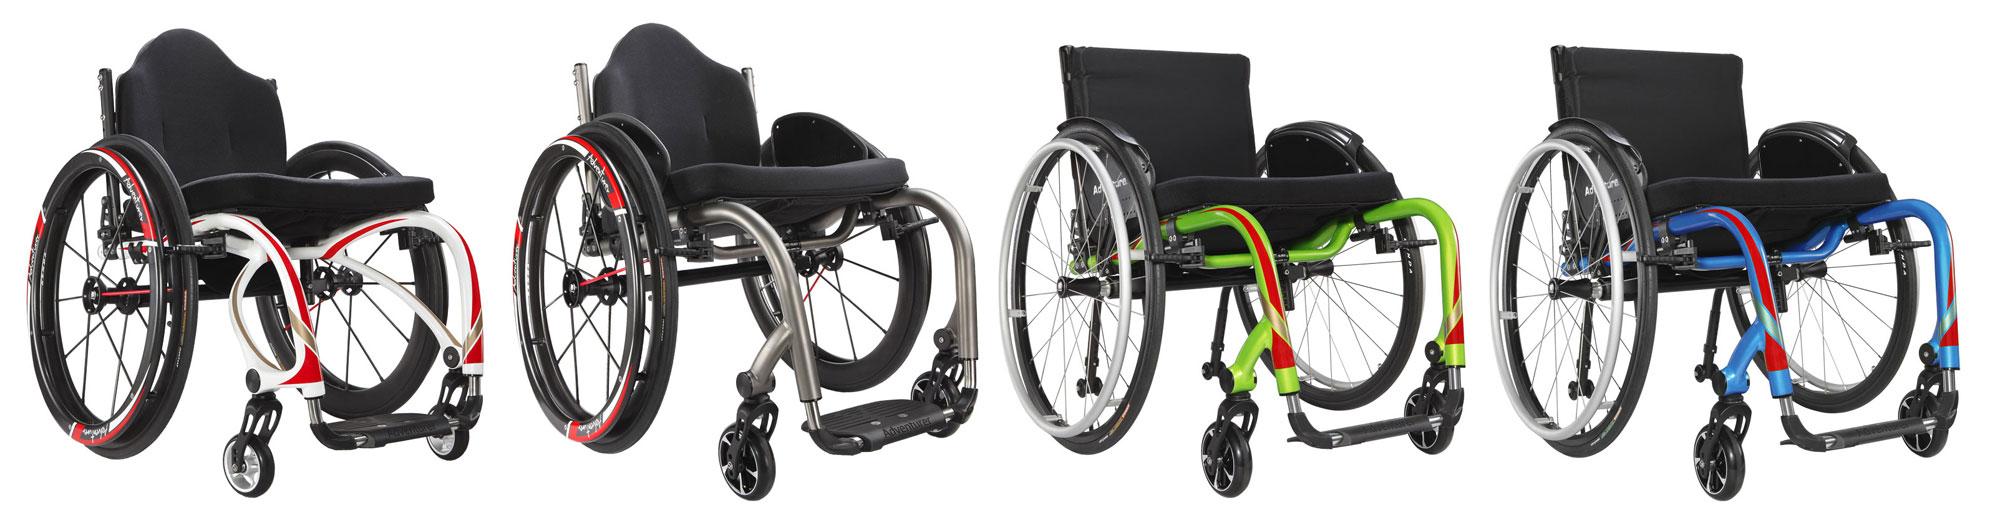 翱翔系列 輪椅 / 台灣維順工業股份有限公司